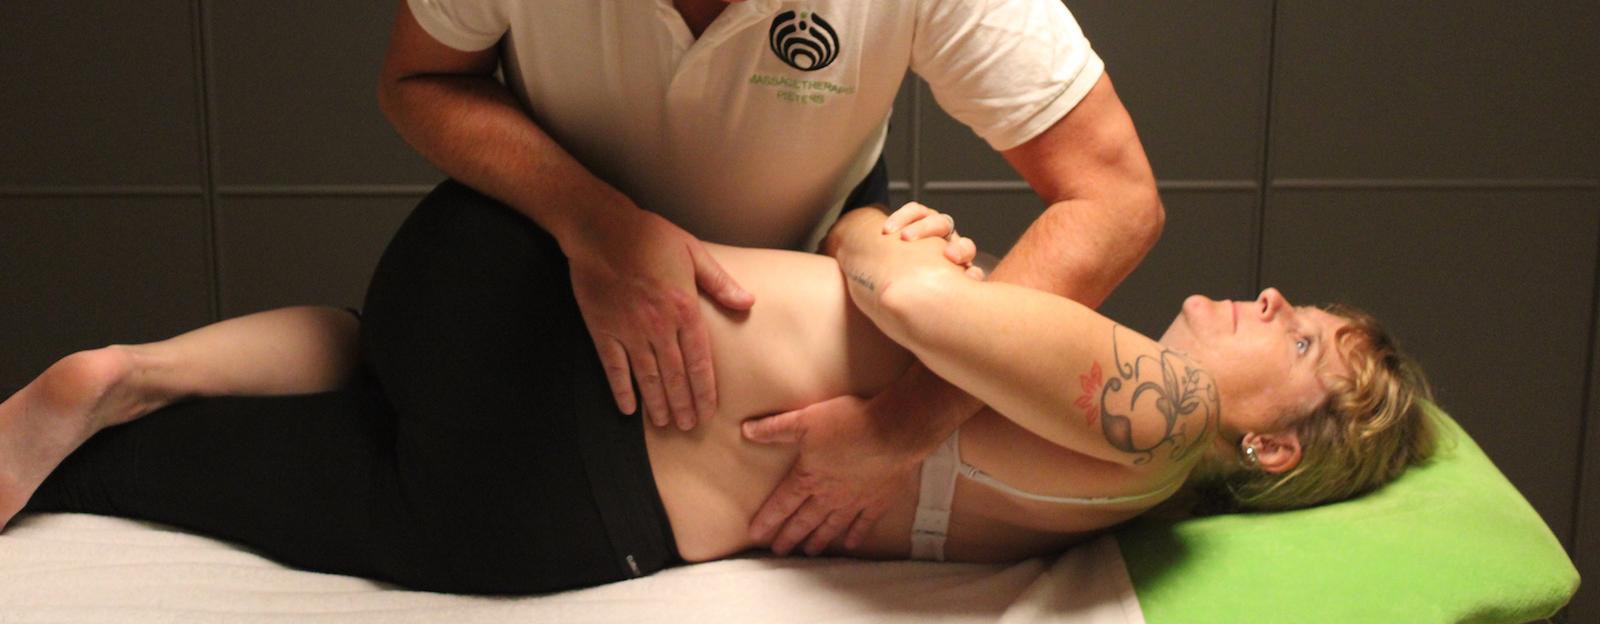 Klachtenvrij bewegen - optimaal herstel bij (onbegrepen) pijnklachten. Massagetherapie Pieters Gouda